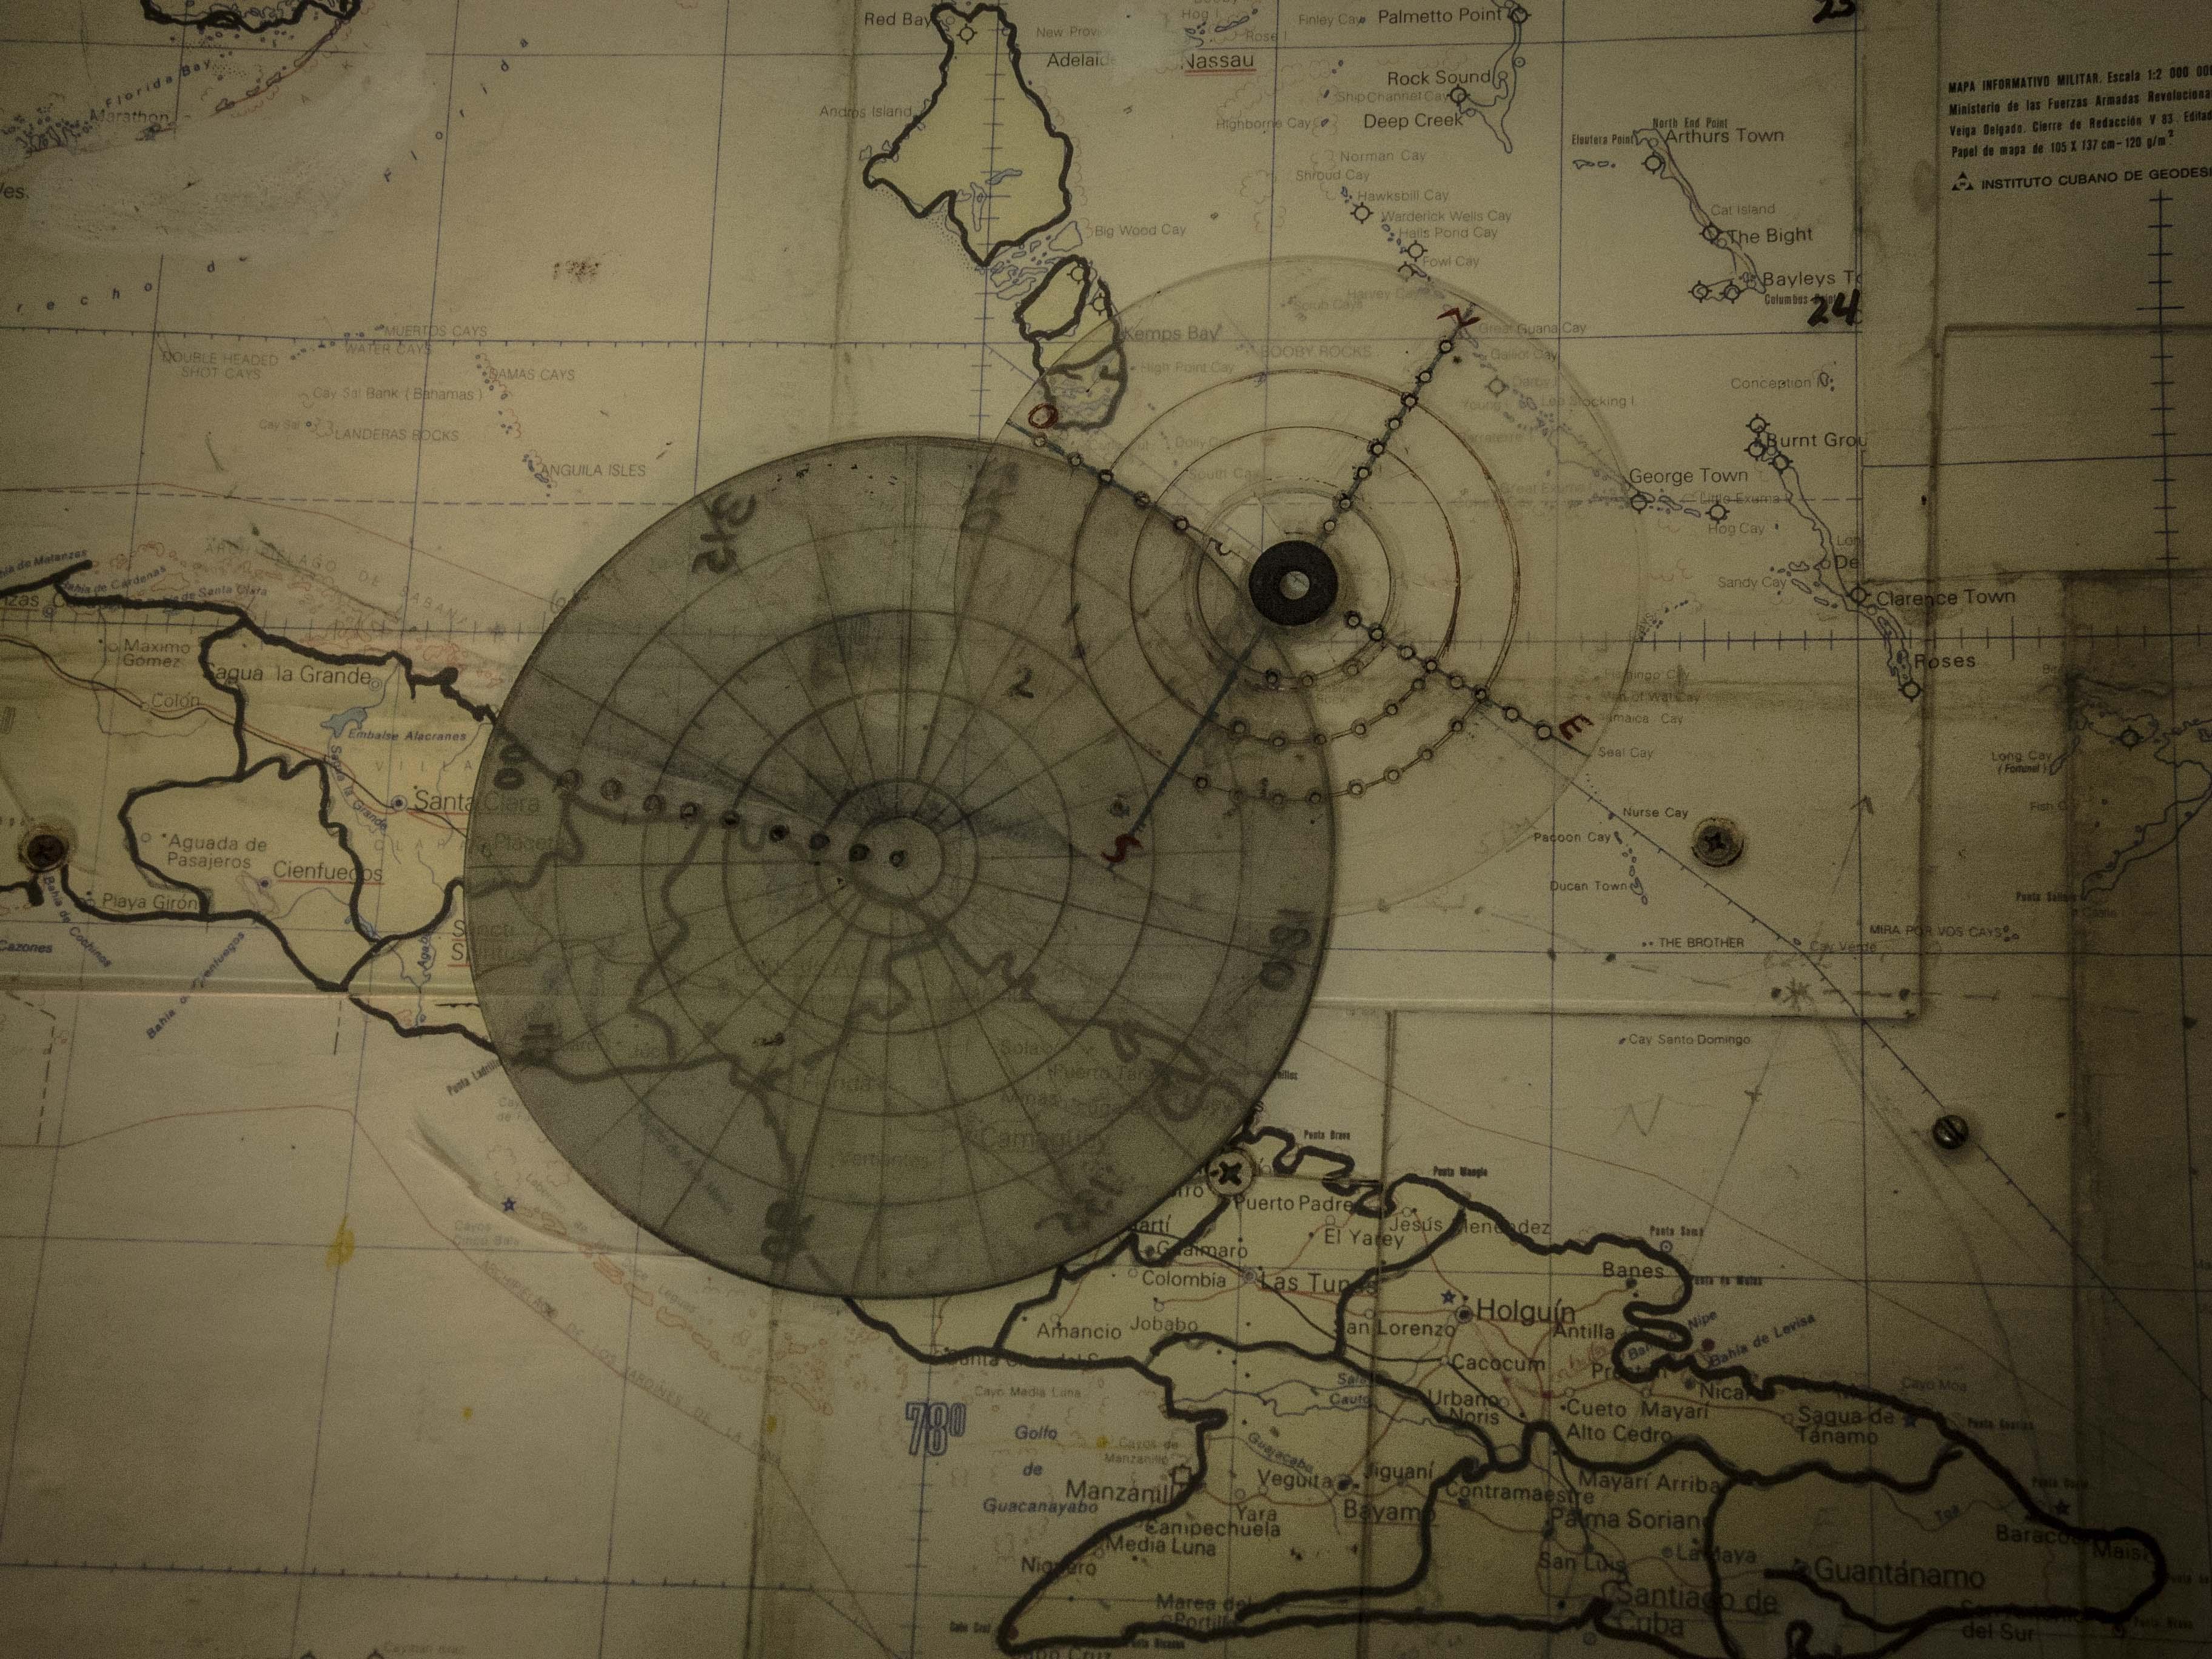 Ambas circunferencias representan los diámetros: la más pequeña, del huracán Sandy; la otra, de Mathew, según la escala del mapa de Domingo (Foto: Aracelys Avilés Suárez)